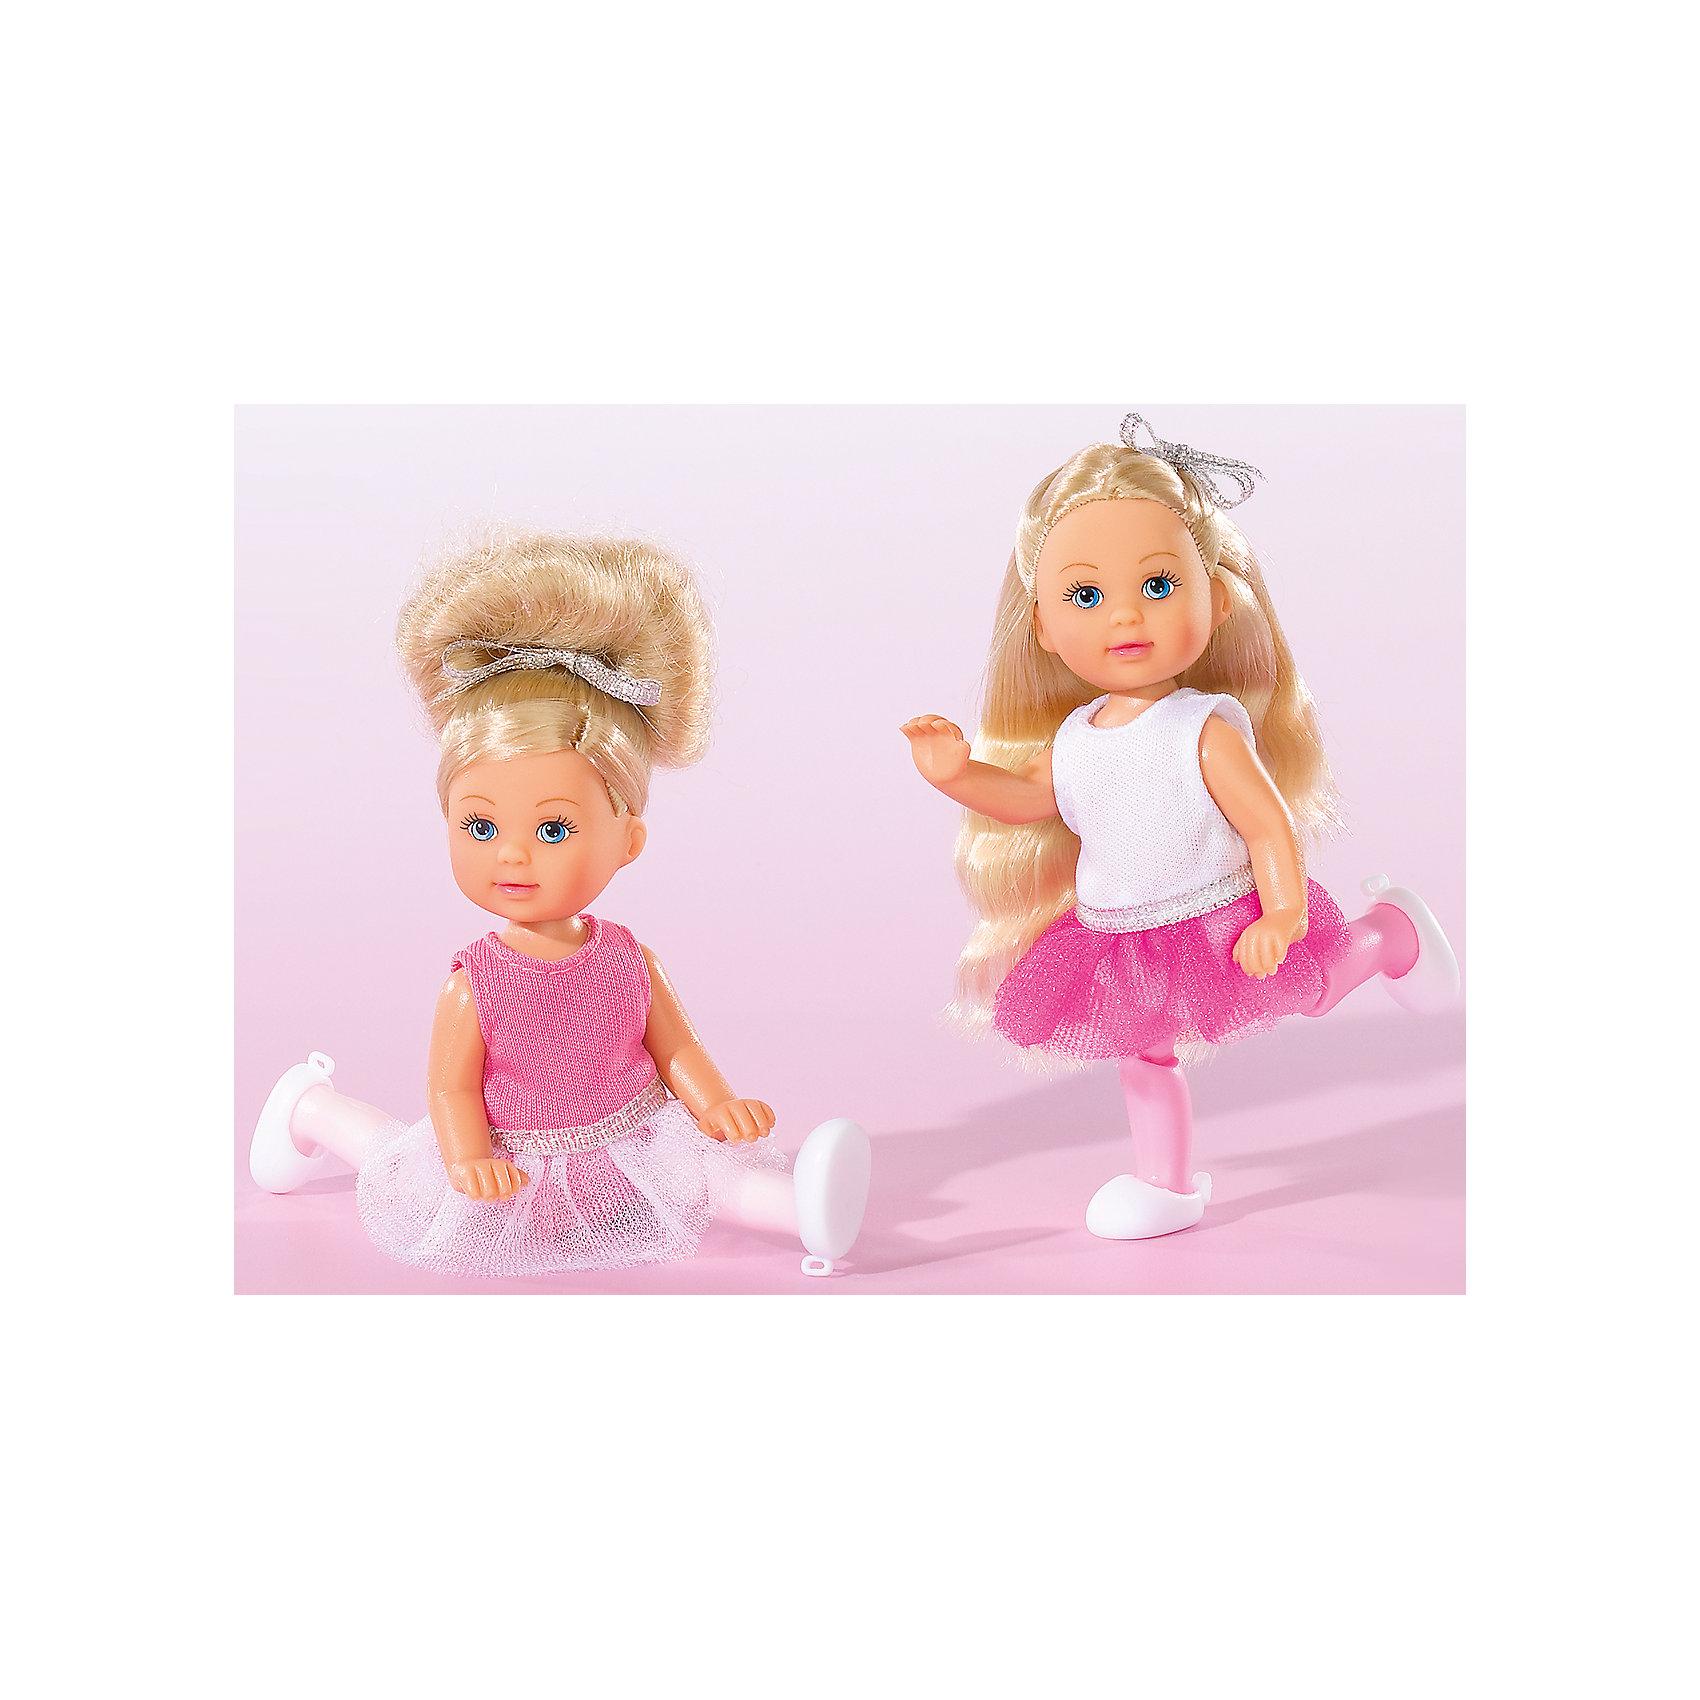 Кукла Еви-балерина, 12 см, SimbaБренды кукол<br>Характеристики товара:<br><br>- цвет: разноцветный;<br>- материал: пластик;<br>- возраст: от трех лет;<br>- комплектация: кукла, одежда;<br>- высота куклы: 12 см.<br><br>Эта симпатичная кукла Еви от известного бренда приводит детей в восторг! Какая девочка сможет отказаться поиграть с куклой, у которой есть шикарный наряд балерины?! У Еви двигаются руки и ноги. Игрушка очень качественно выполнена, поэтому она станет замечательным подарком ребенку. <br>Продается набор в красивой удобной упаковке. Изделие произведено из высококачественного материала, безопасного для детей.<br><br>Куклу Еви-балерина, 12 см, от бренда Simba можно купить в нашем интернет-магазине.<br><br>Ширина мм: 40<br>Глубина мм: 180<br>Высота мм: 160<br>Вес г: 600<br>Возраст от месяцев: 36<br>Возраст до месяцев: 120<br>Пол: Женский<br>Возраст: Детский<br>SKU: 5119515